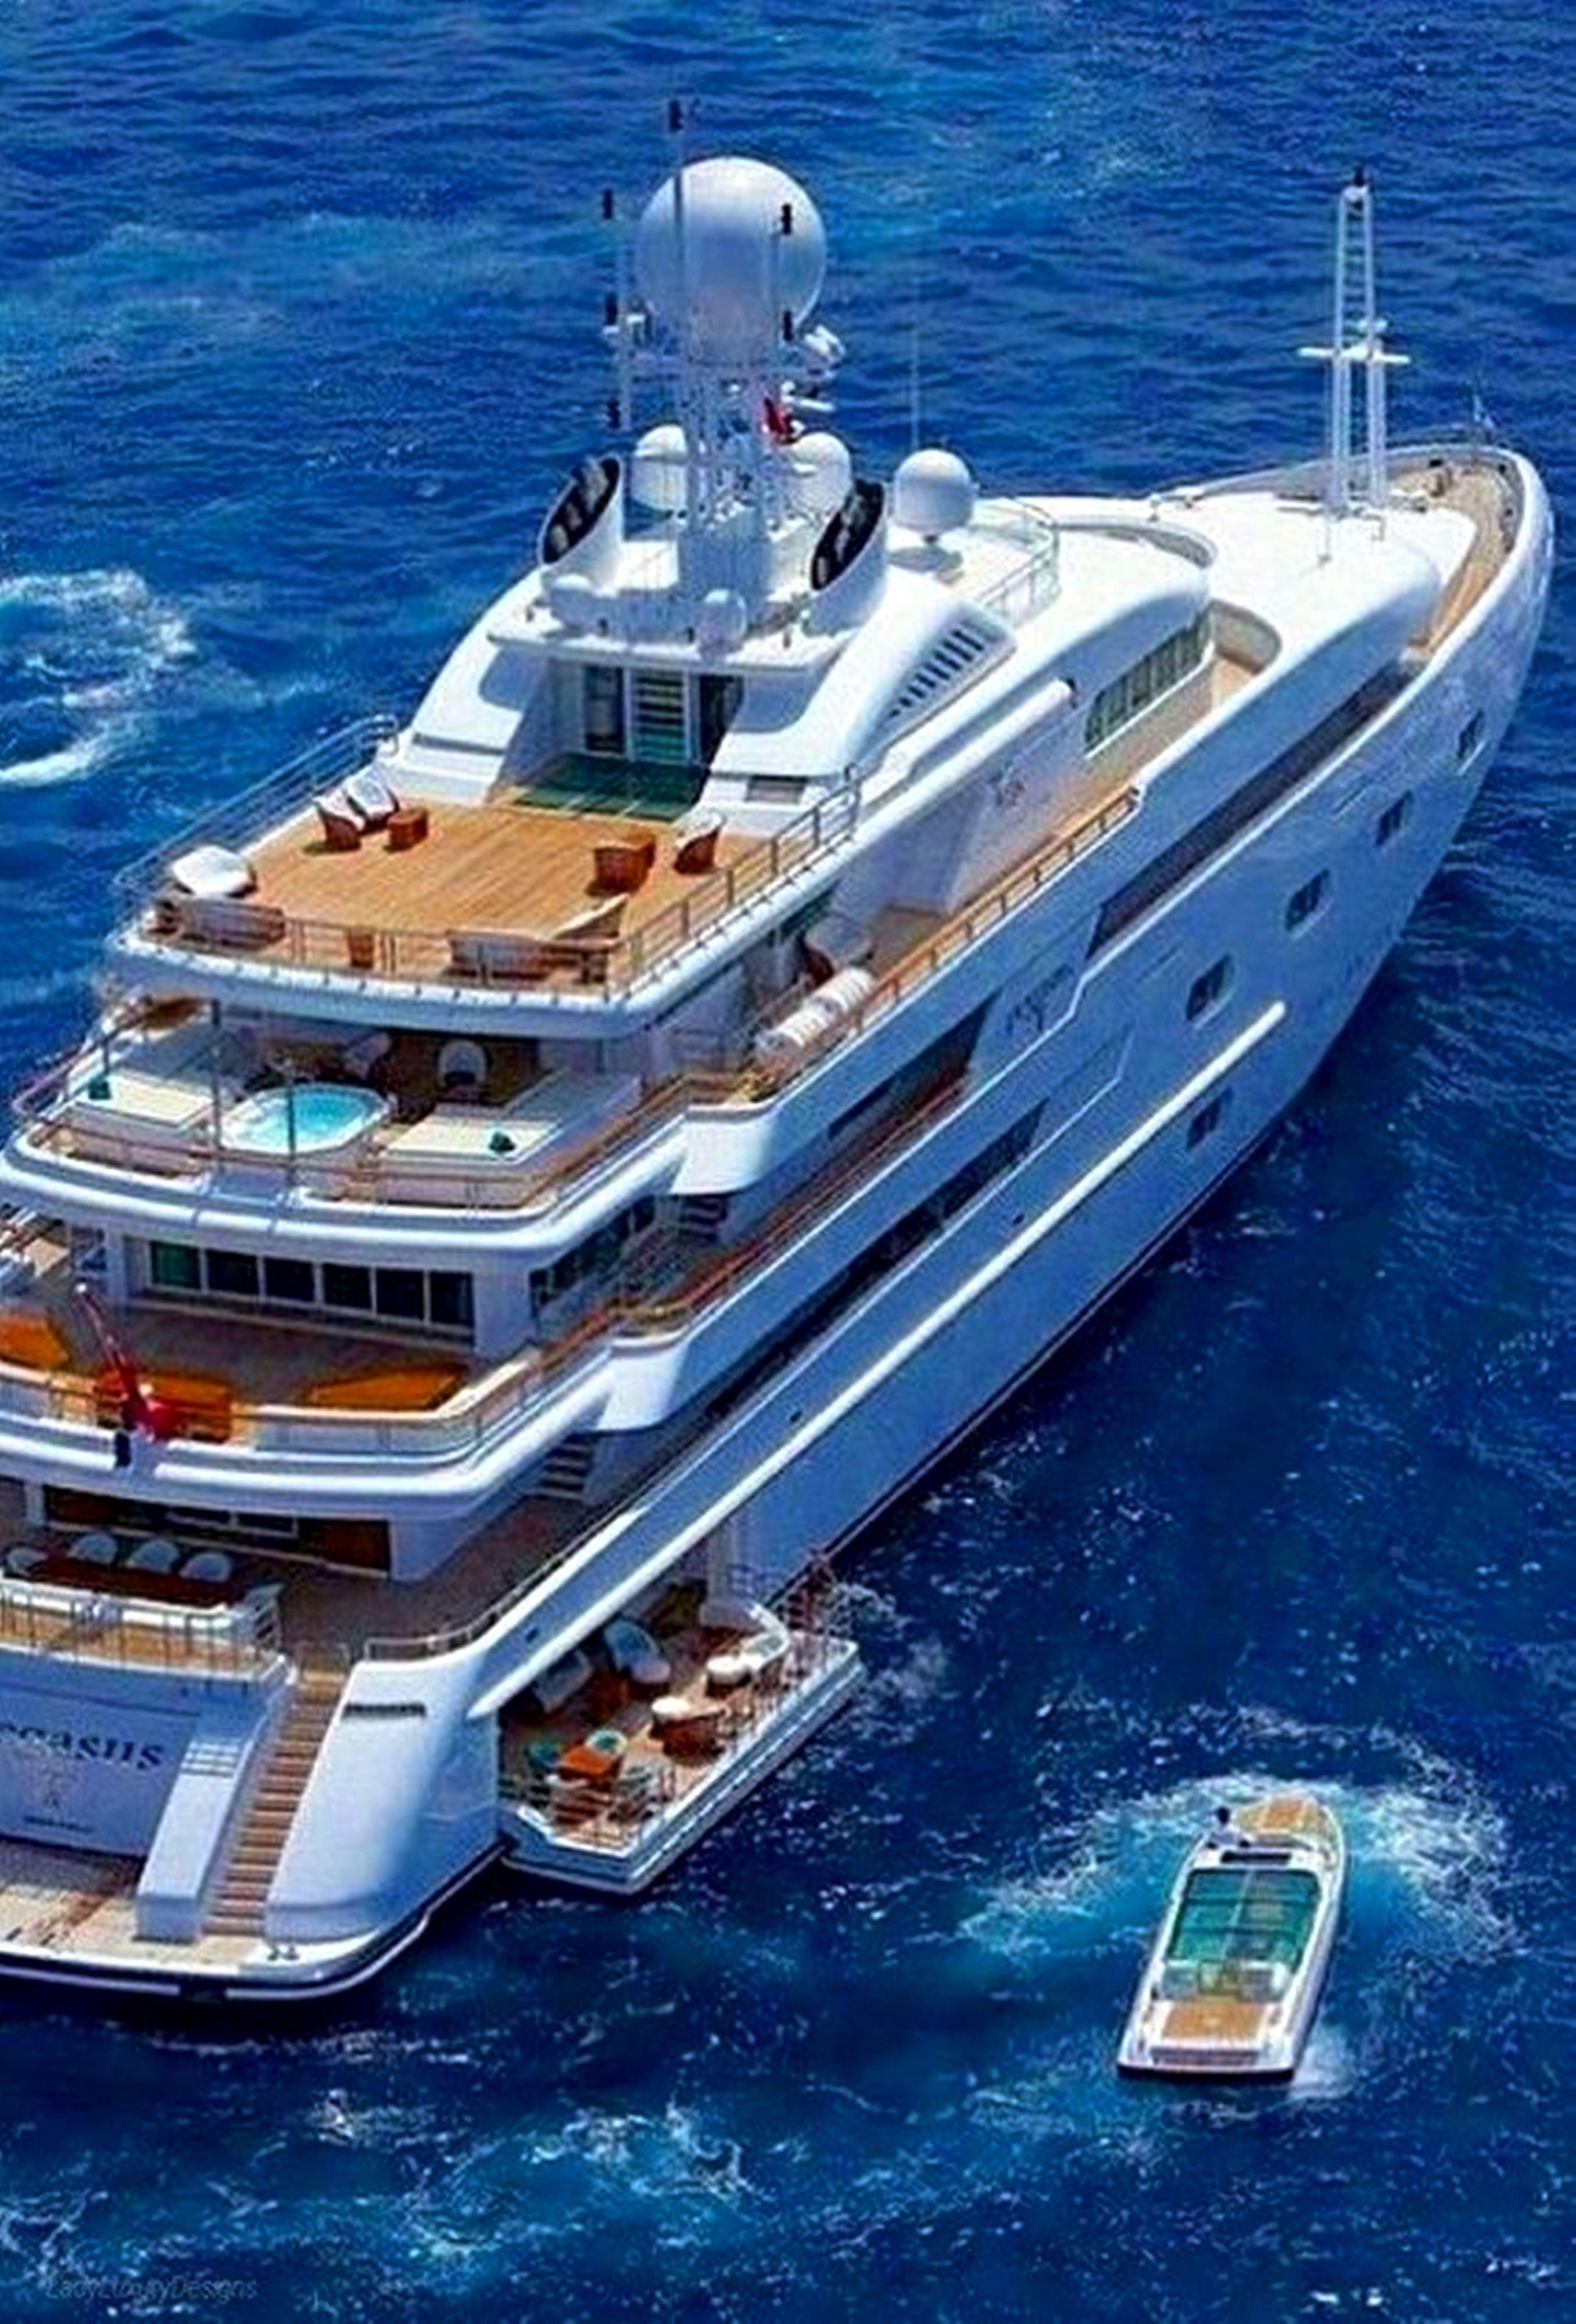 Superyacht Luxury Yachts Boat Boats Luxury